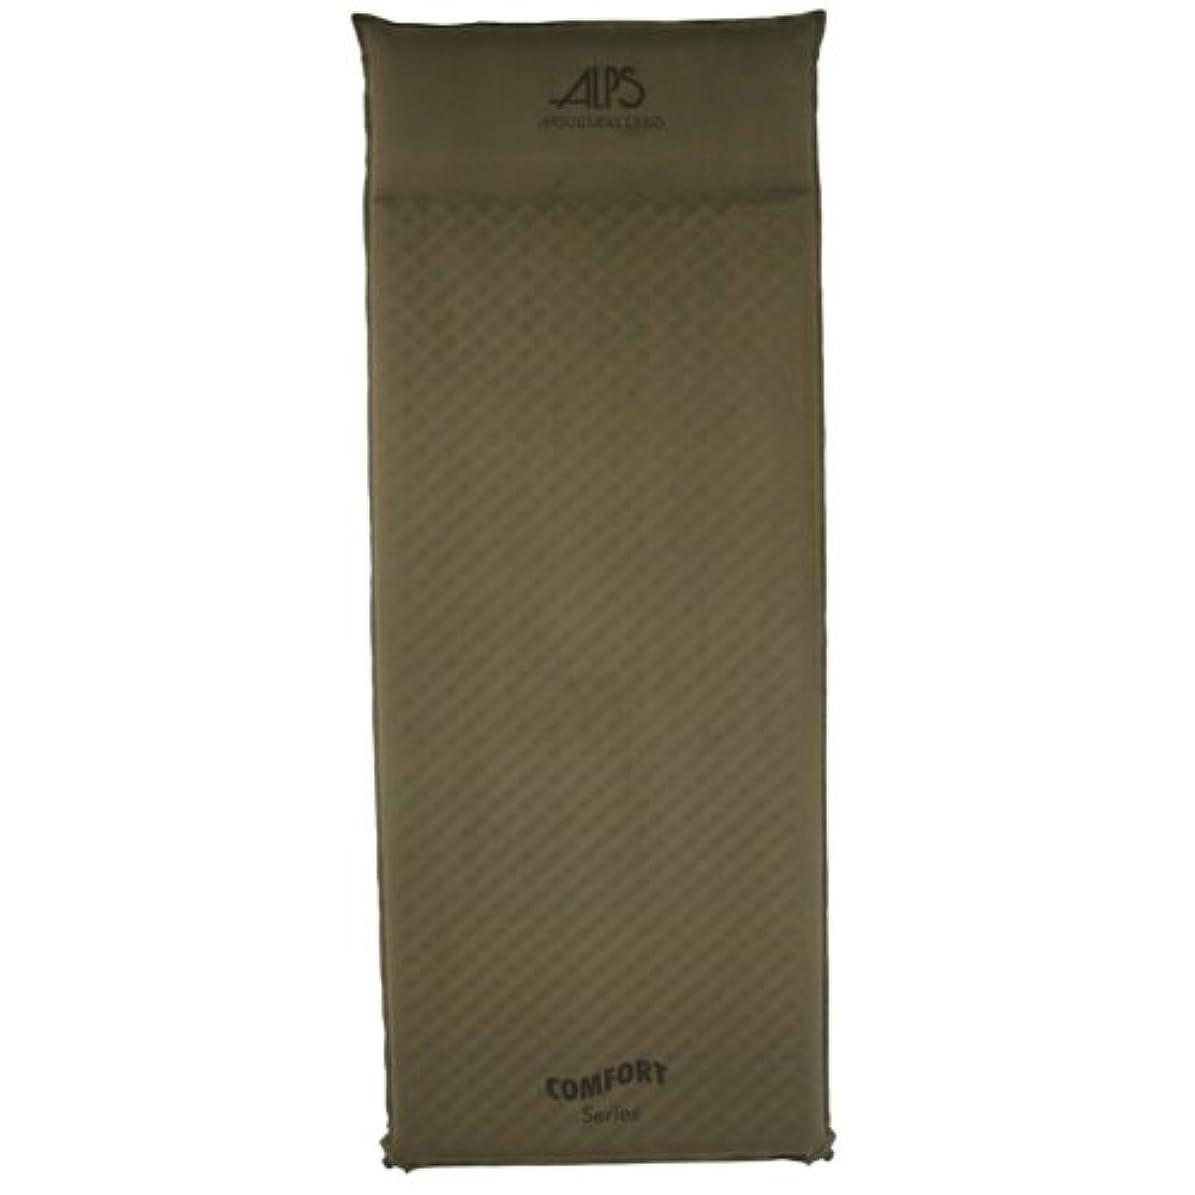 インタラクションそれに応じてチップComfort Series Self-Inflating Pad - XL by ALPS Mountaineering